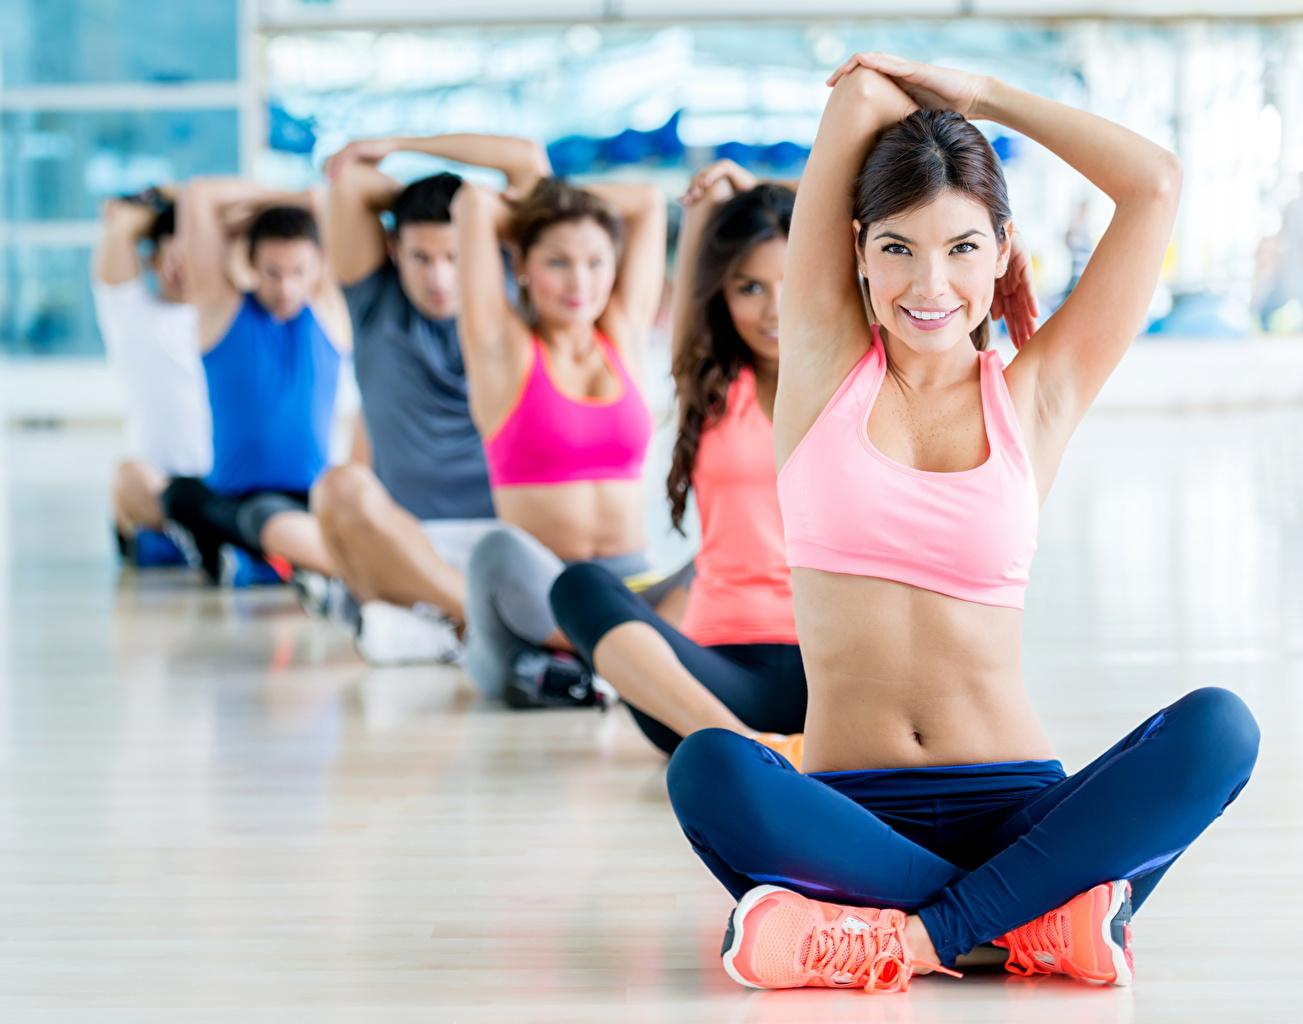 zdjęcie Brunetka Joga Uśmiech pozować Fitness Sport młode kobiety Nogi Ręce Brzuch siedzą Uniform jogi Poza sportowe sportowy dziewczyna Dziewczyny młoda kobieta Siedzi